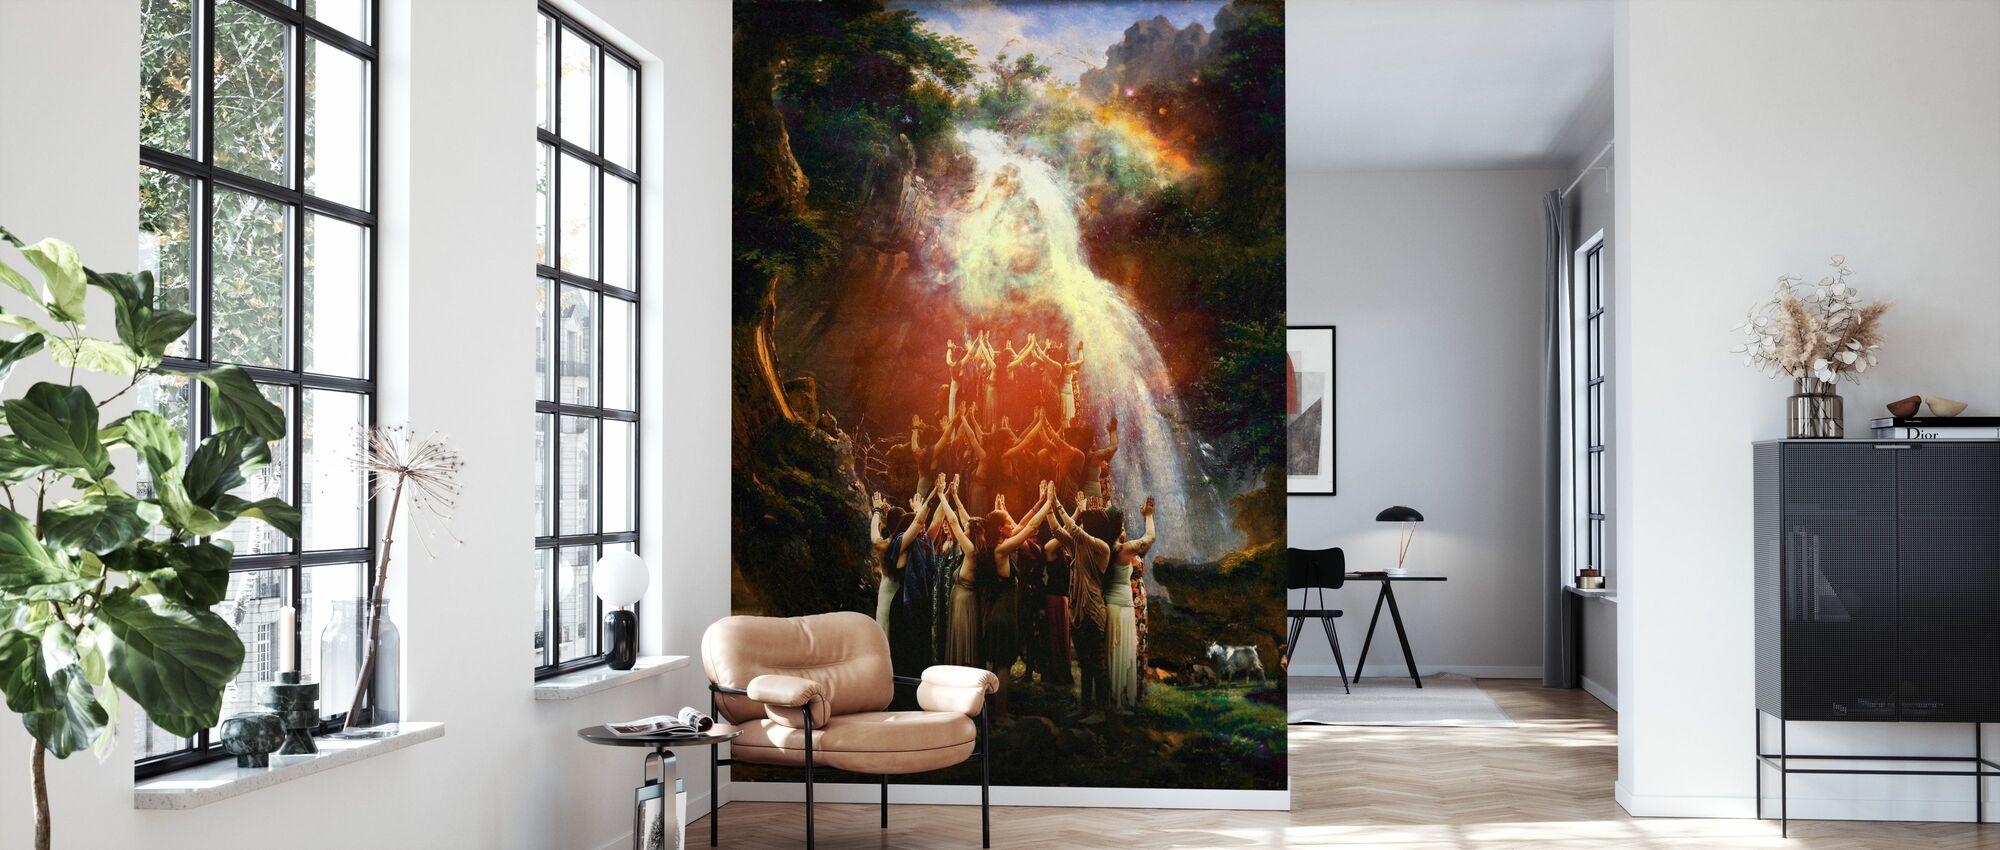 New World Order - Wallpaper - Living Room